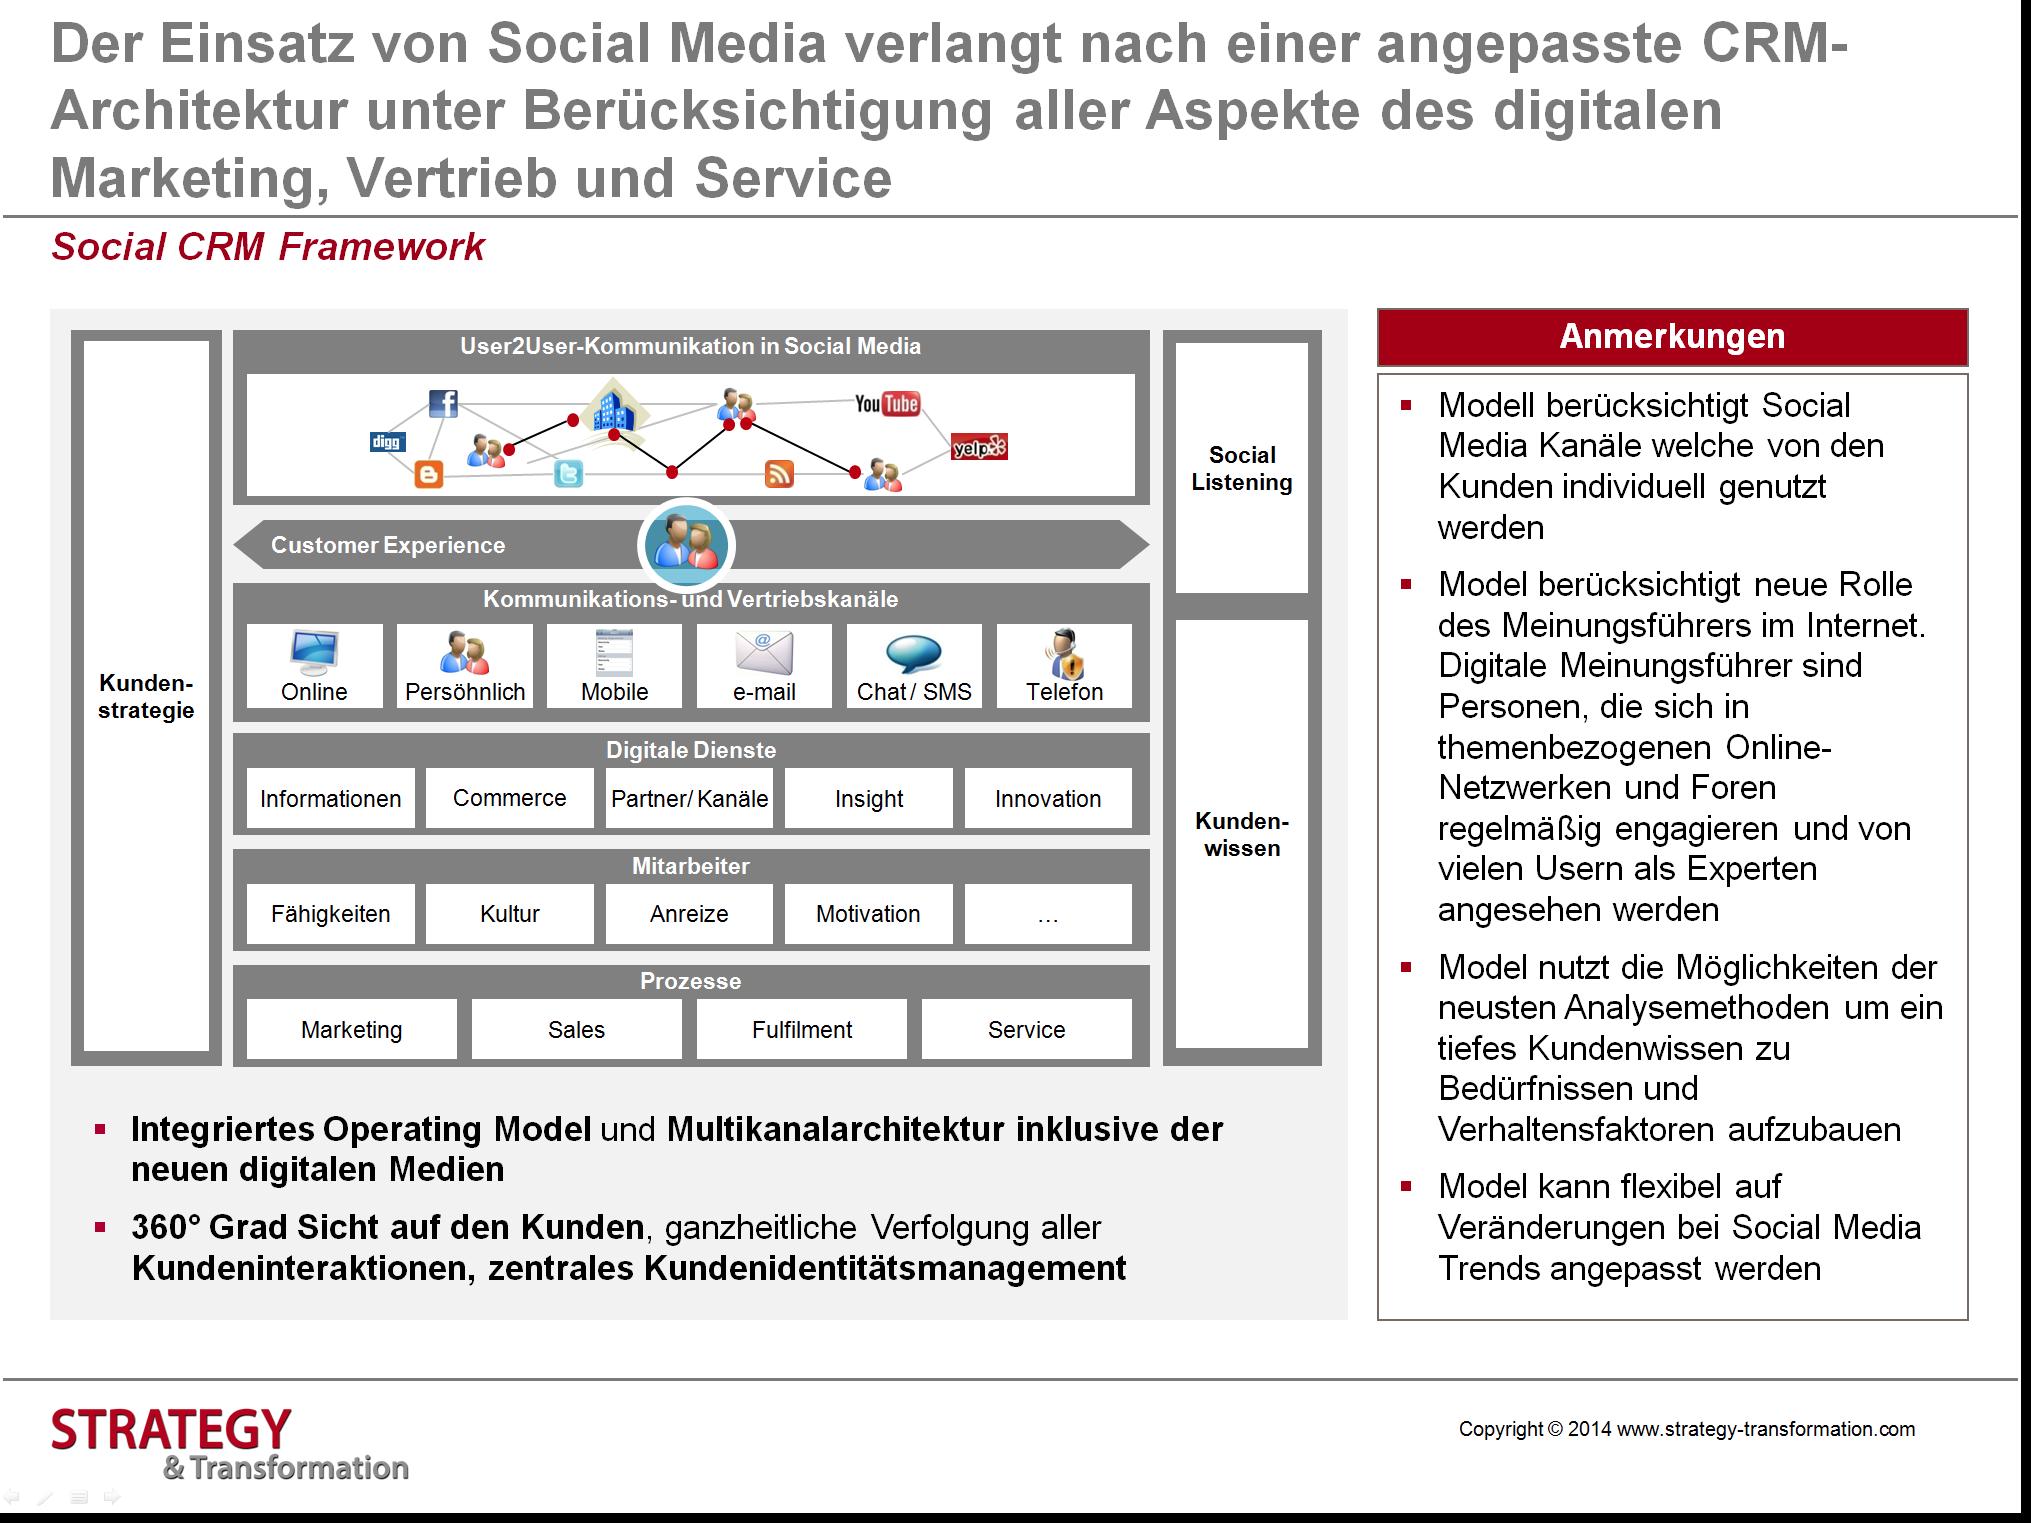 Social Media verstehen_Social CRM Framework